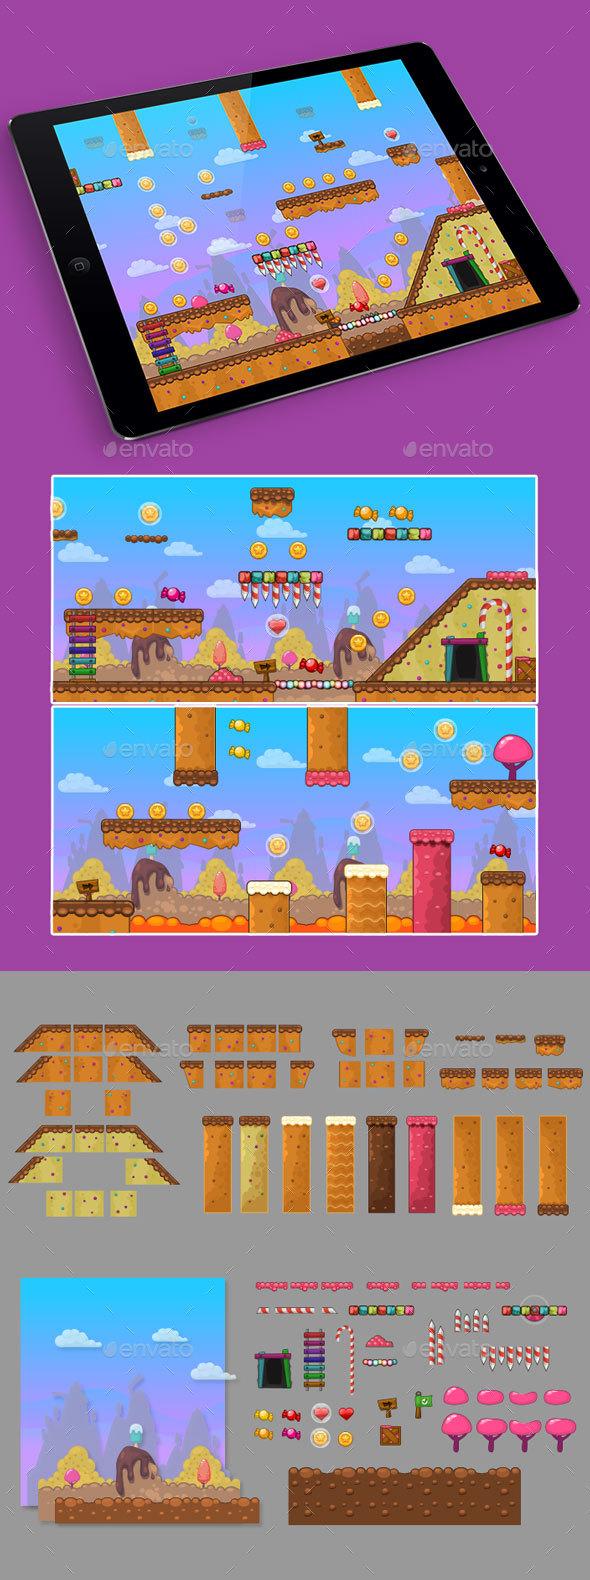 2D Candy Game Platformer Tilesets - Tilesets Game Assets